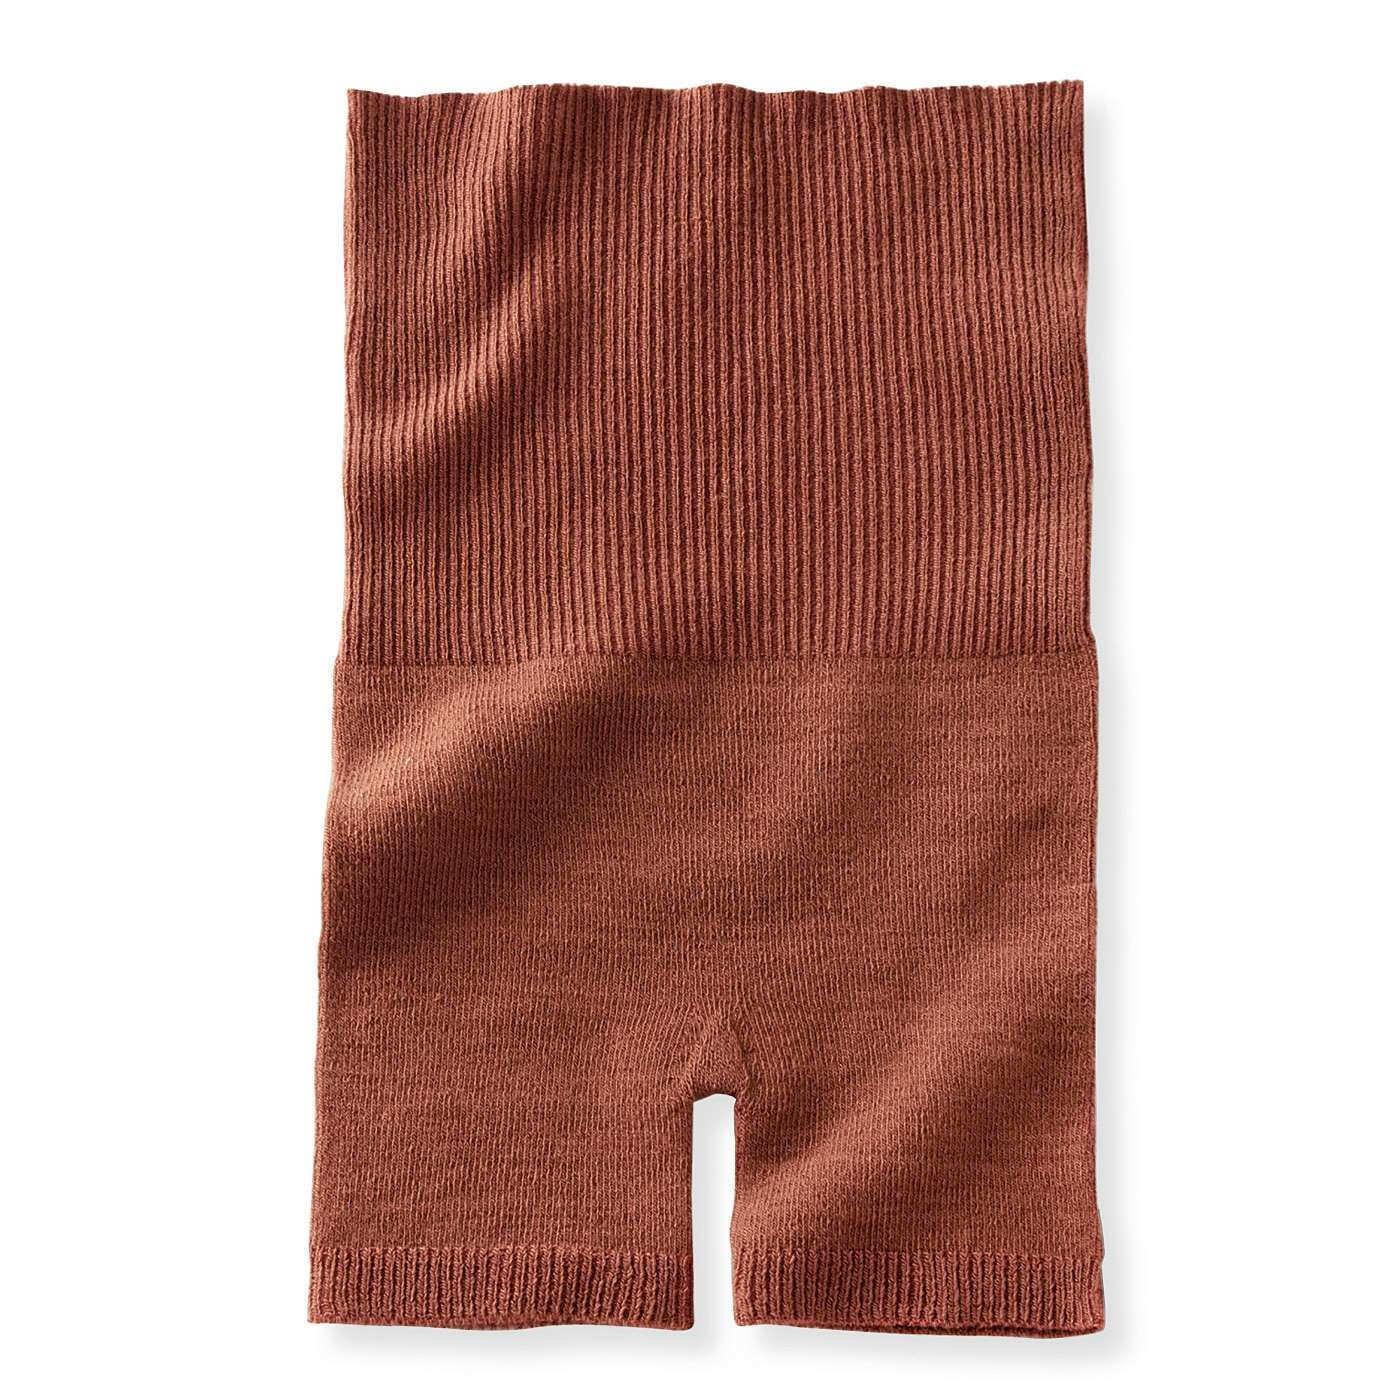 ホールガーメント(R)の贅沢(ぜいたく)仕立て はらまき付きロングパンツ〈キャメル〉